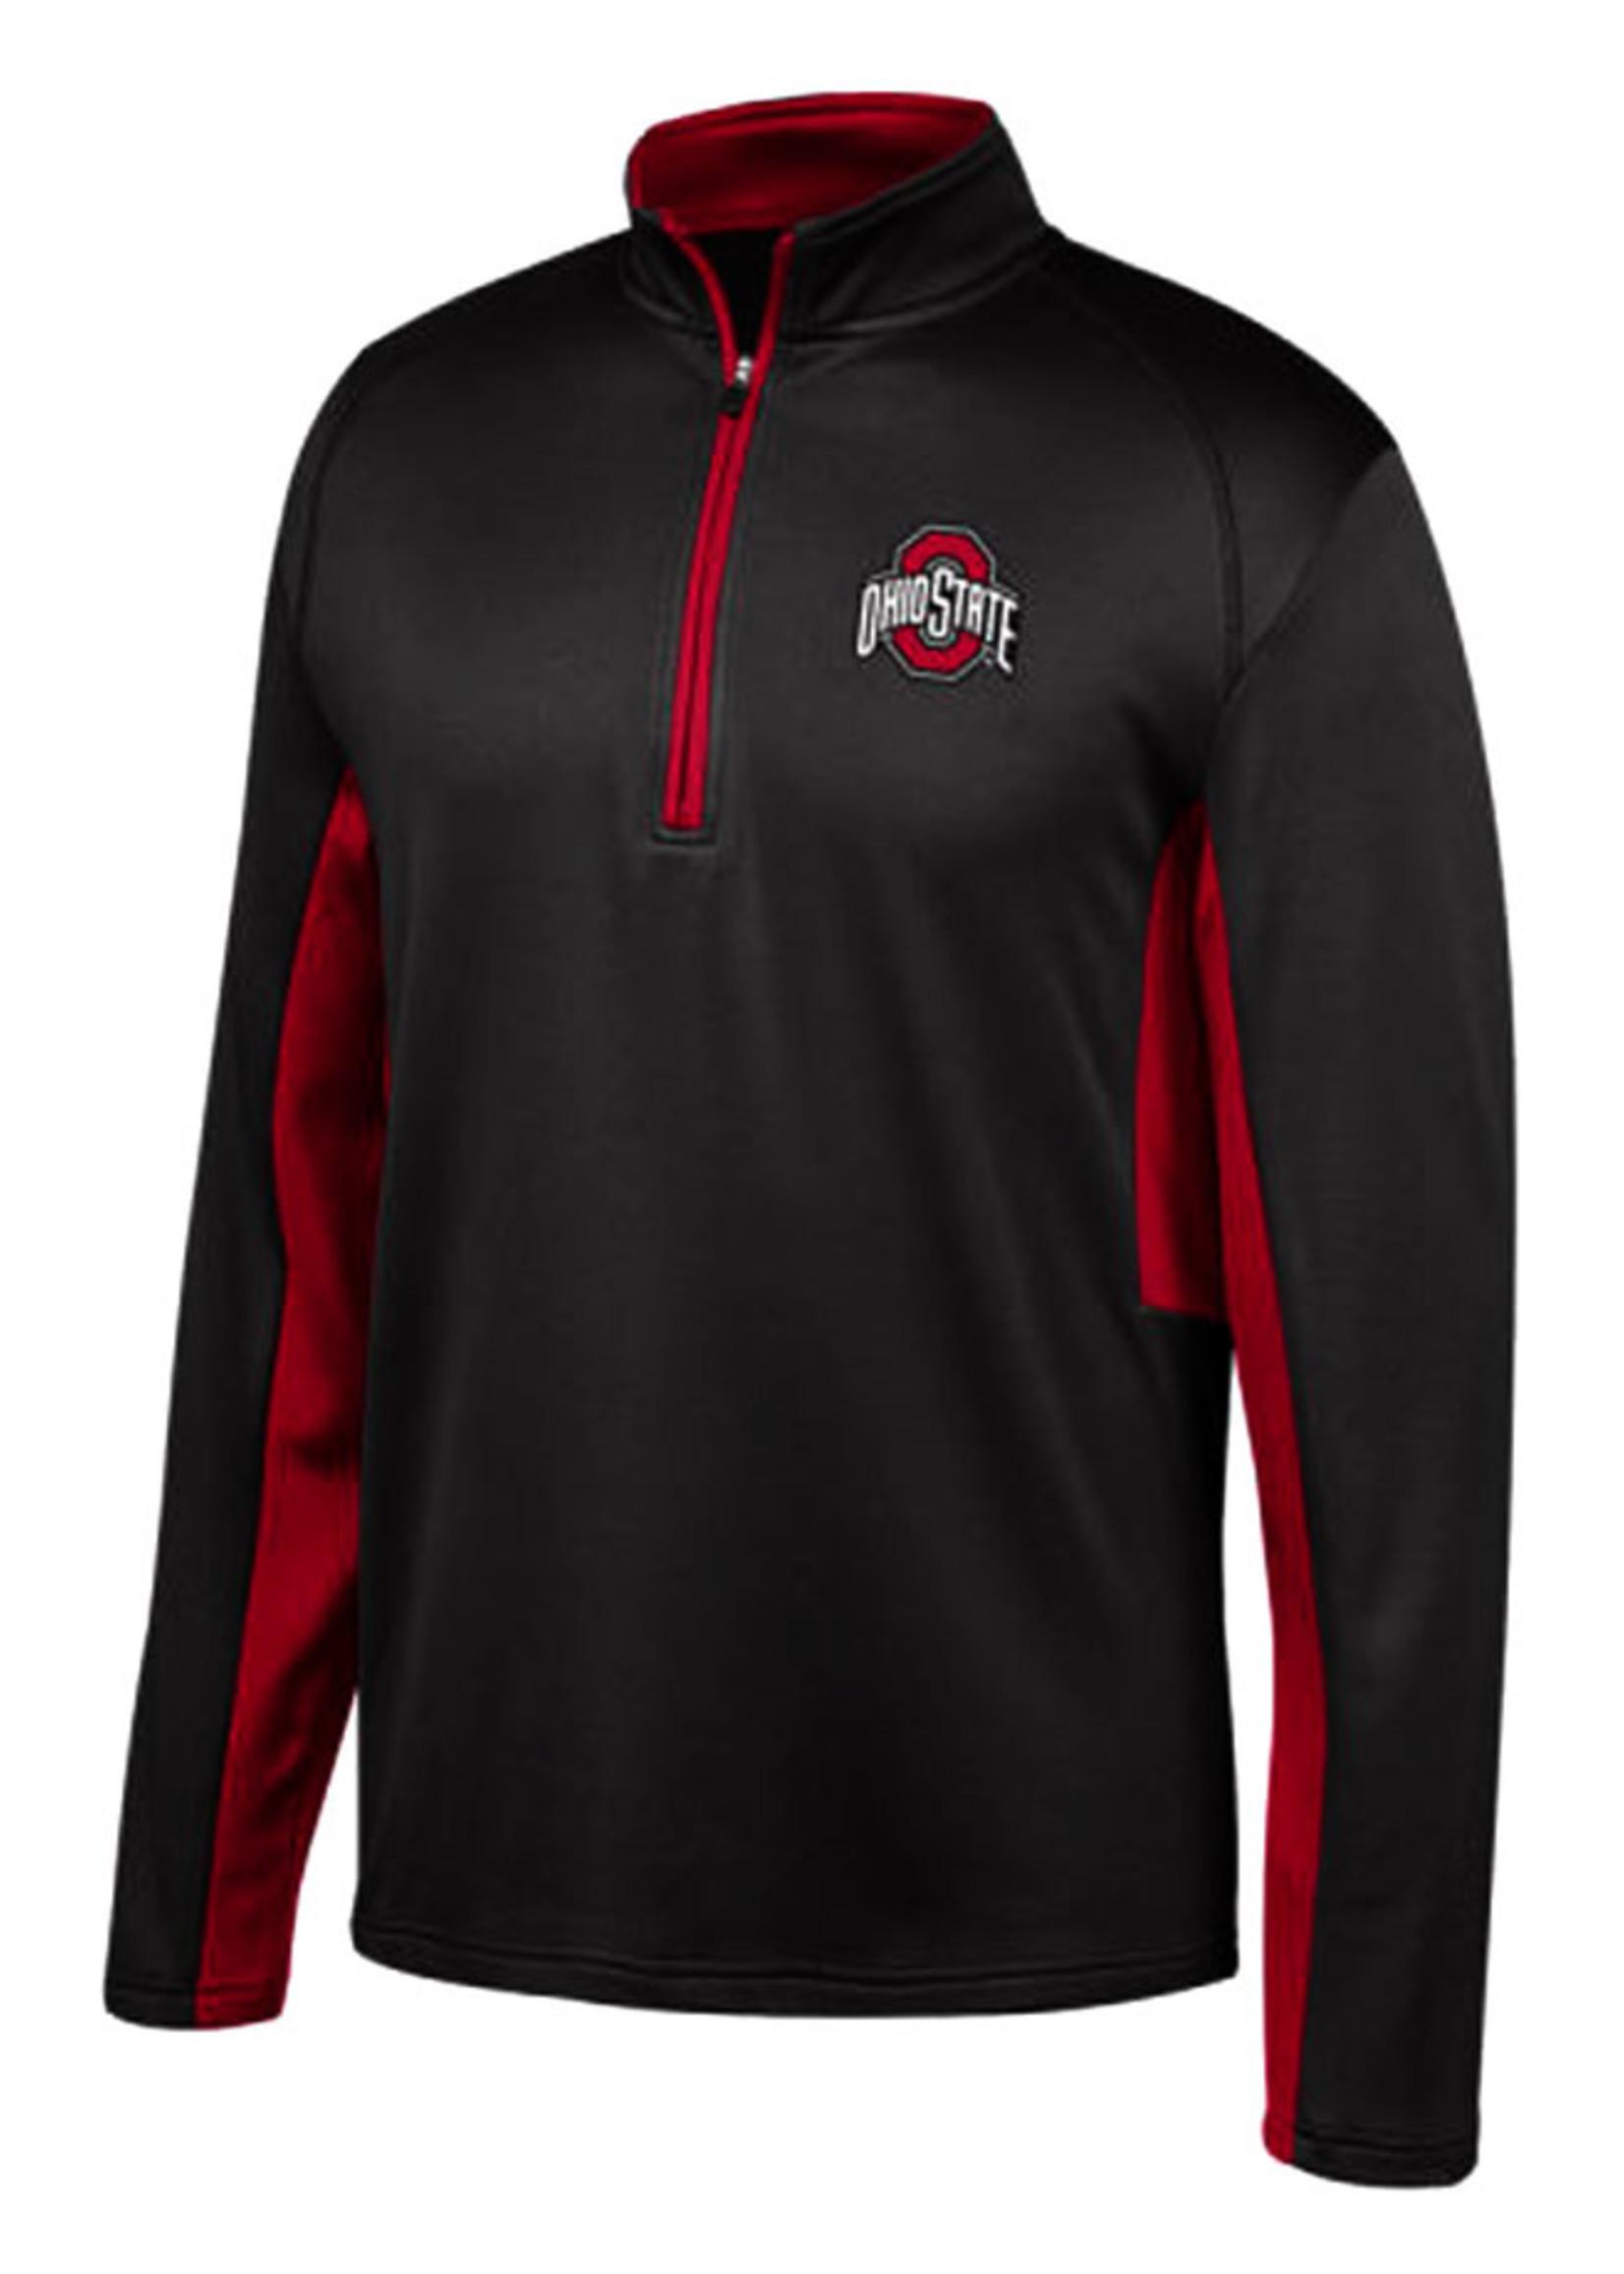 Ohio State Buckeyes Mens Black Long Sleeve 1/4 Zip Pullover